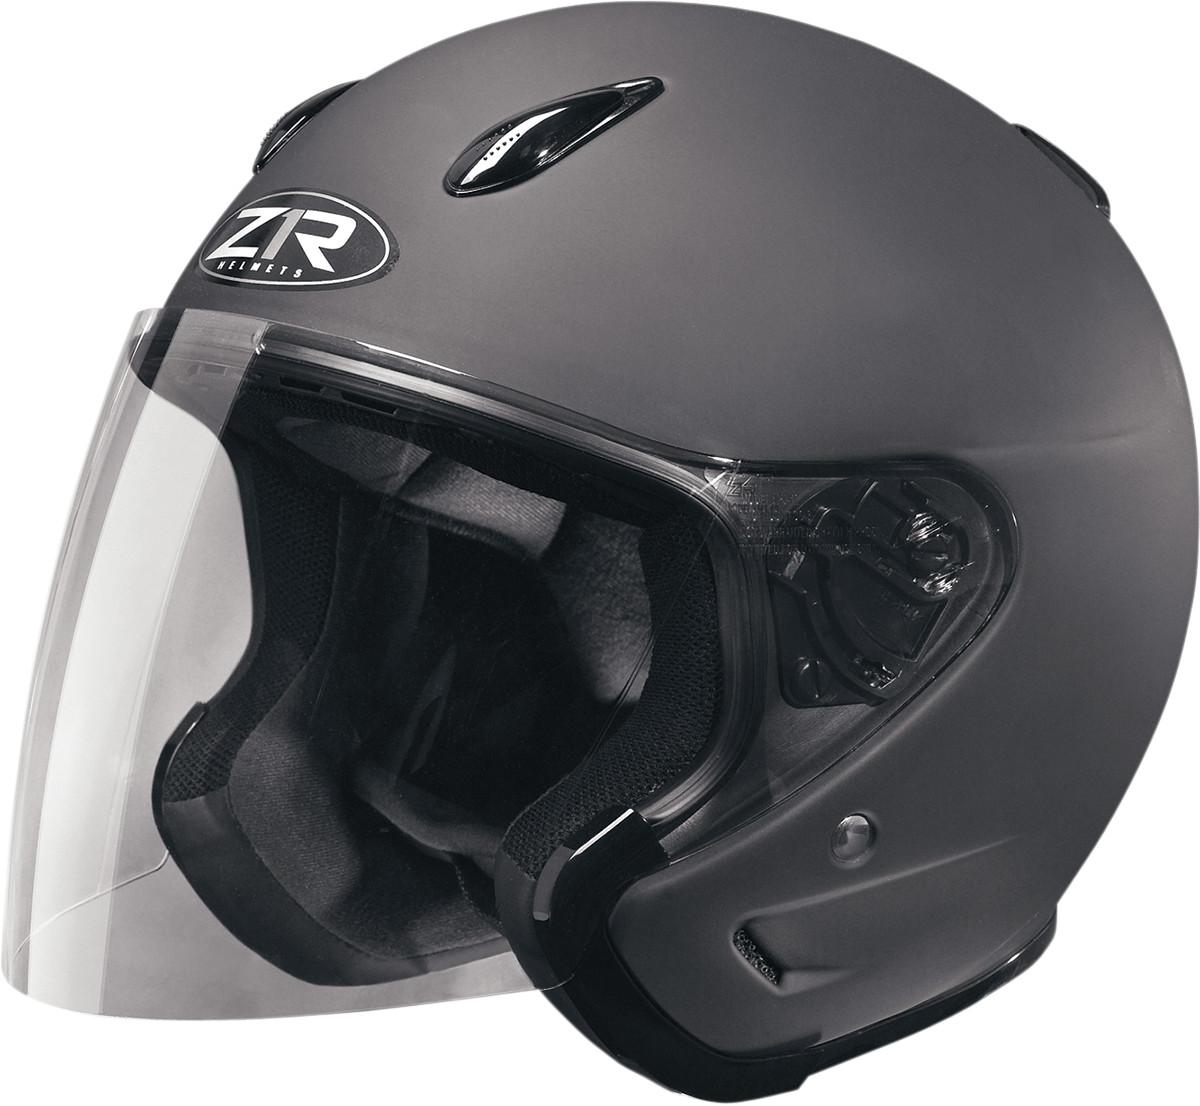 Z1r Ace Open Face Helmet Rubatone Black